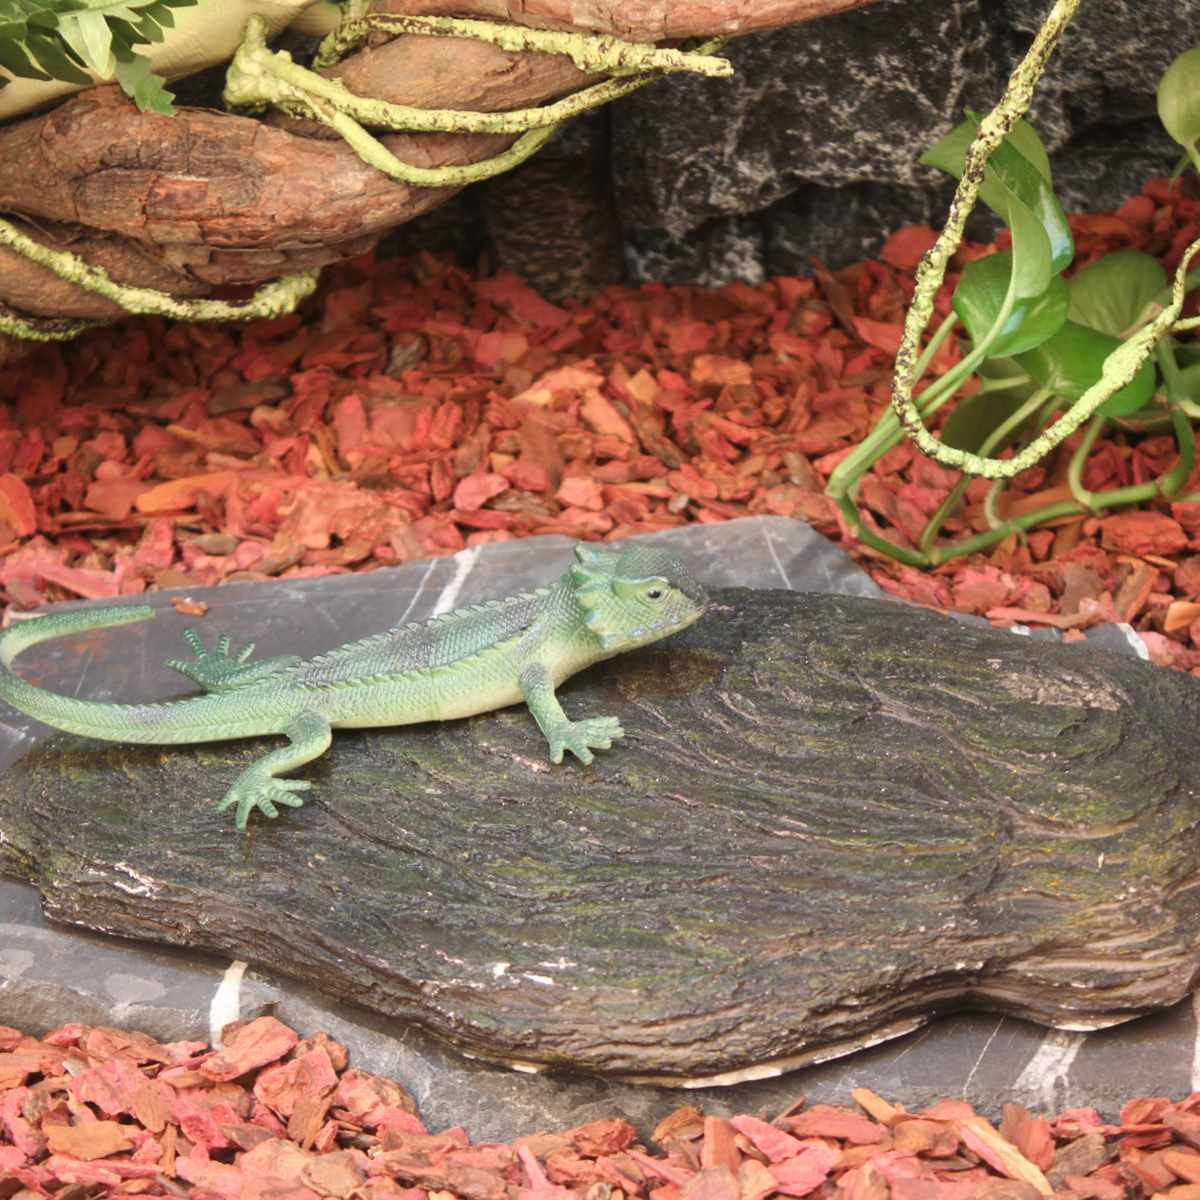 Reptil 3d Batu Panas Resin 6 W 12 24 Simulasi Latar Belakang Weber Keranjang Ikan Besar Pelat Papan Tangki 1612 Cm 1815 2817 Aquarium Suhu Di Terrariums Dari Rumah